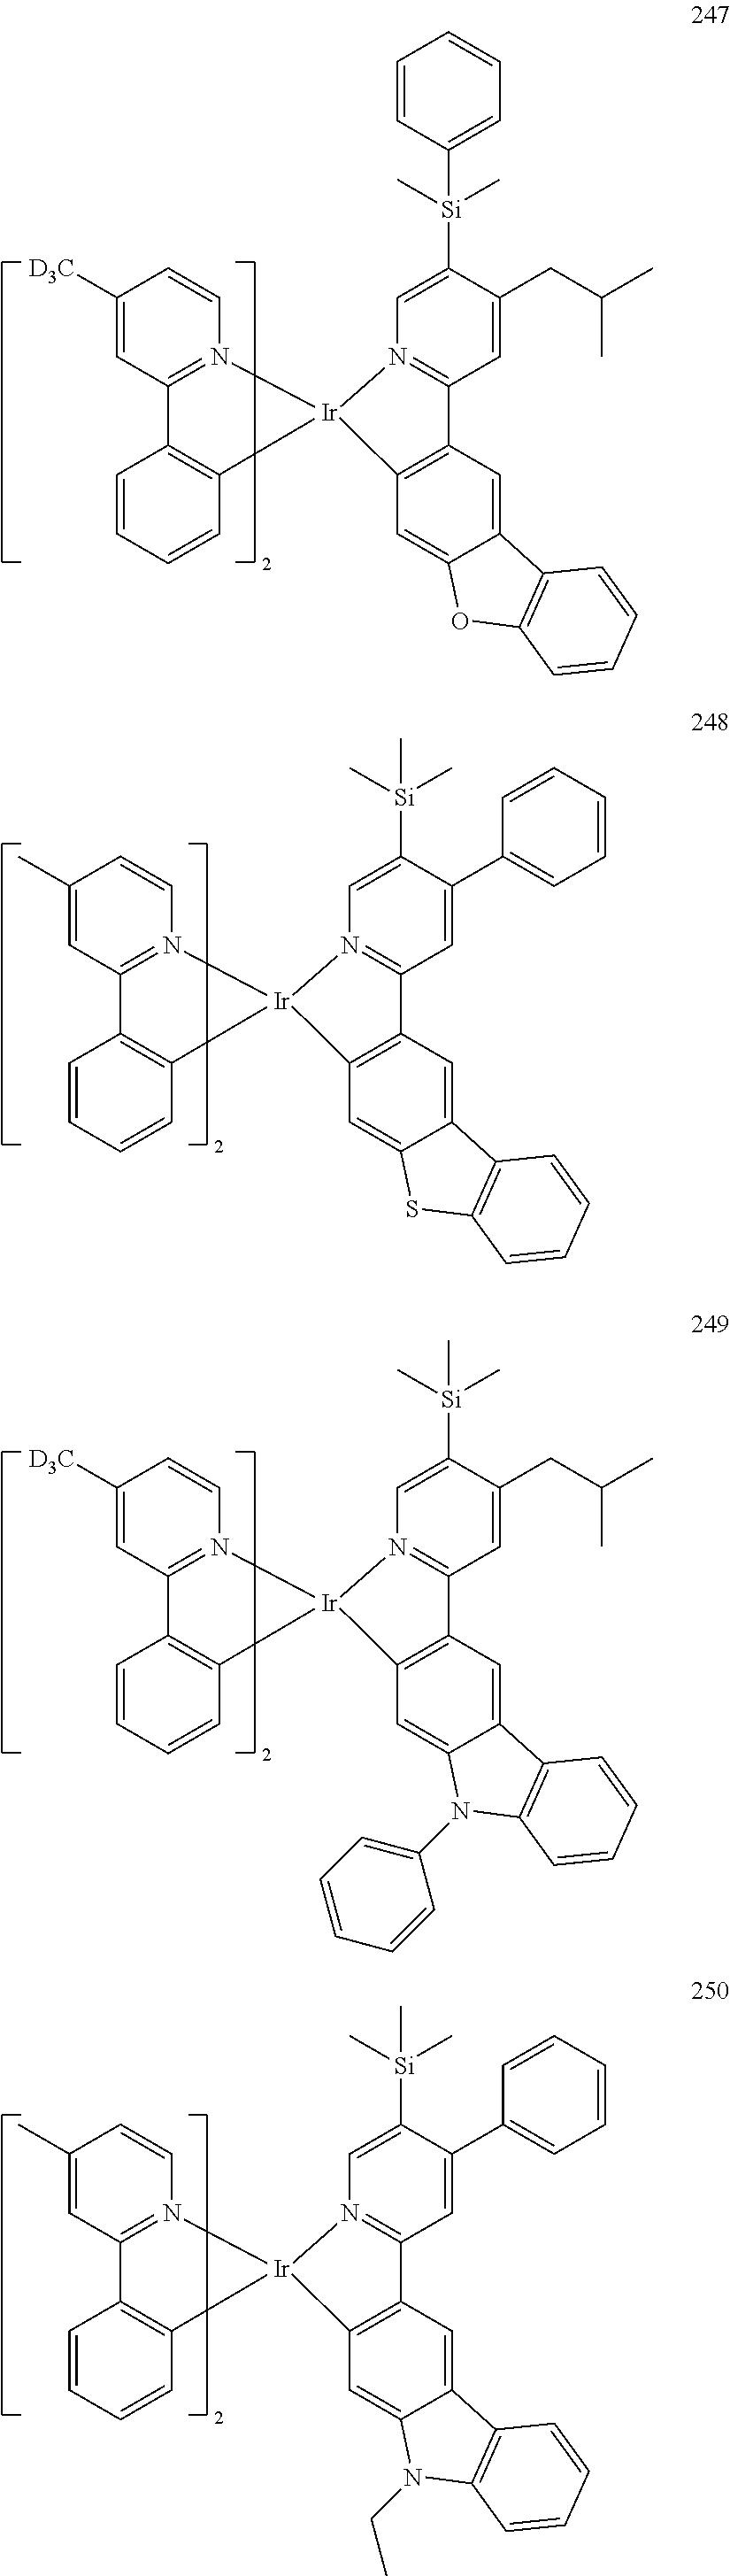 Figure US20160155962A1-20160602-C00137